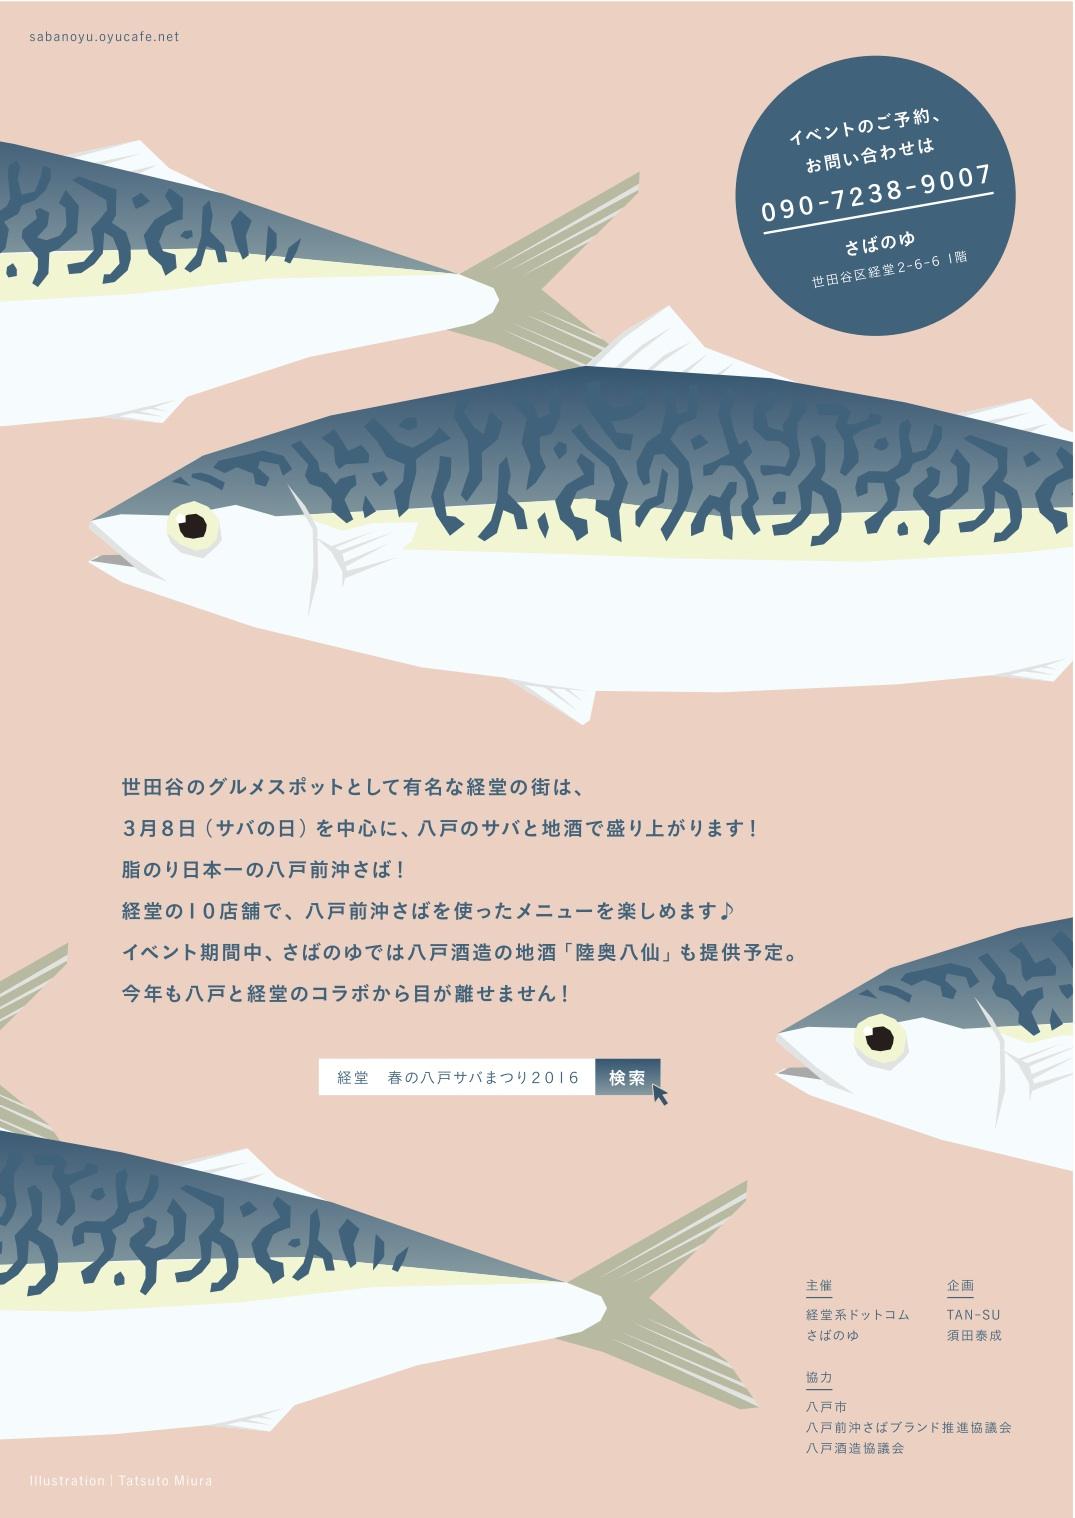 八戸サバまつり(3/4ver 裏面)